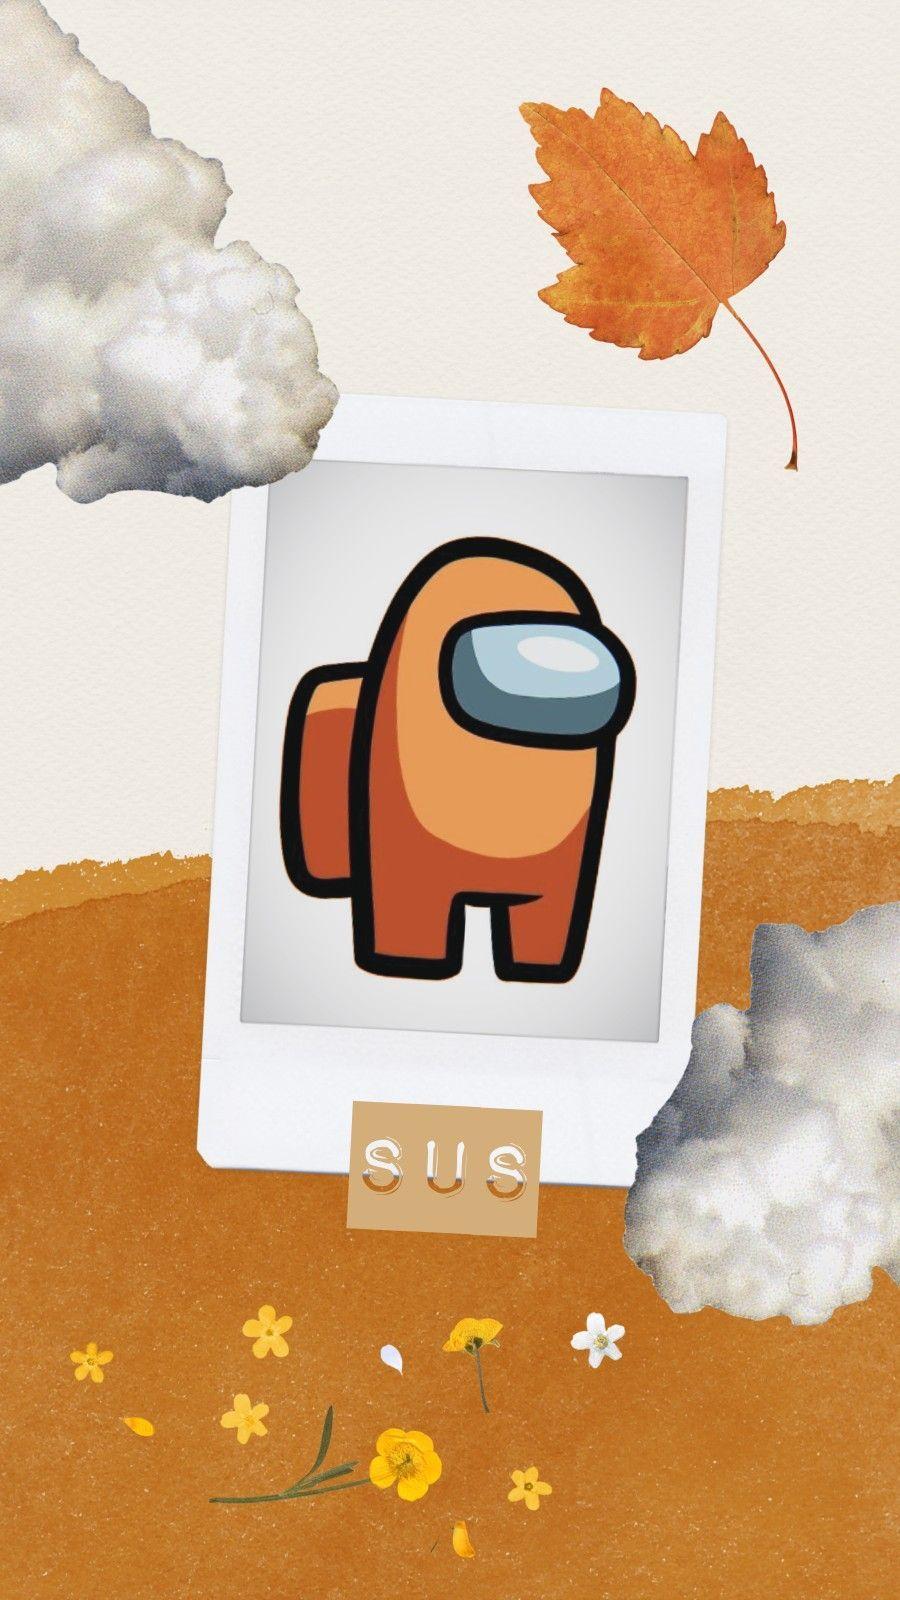 Orange Aesthetic Wallpaper In 2021 Pretty Wallpaper Iphone Aesthetic Iphone Wallpaper Iphone Wallpaper Pattern